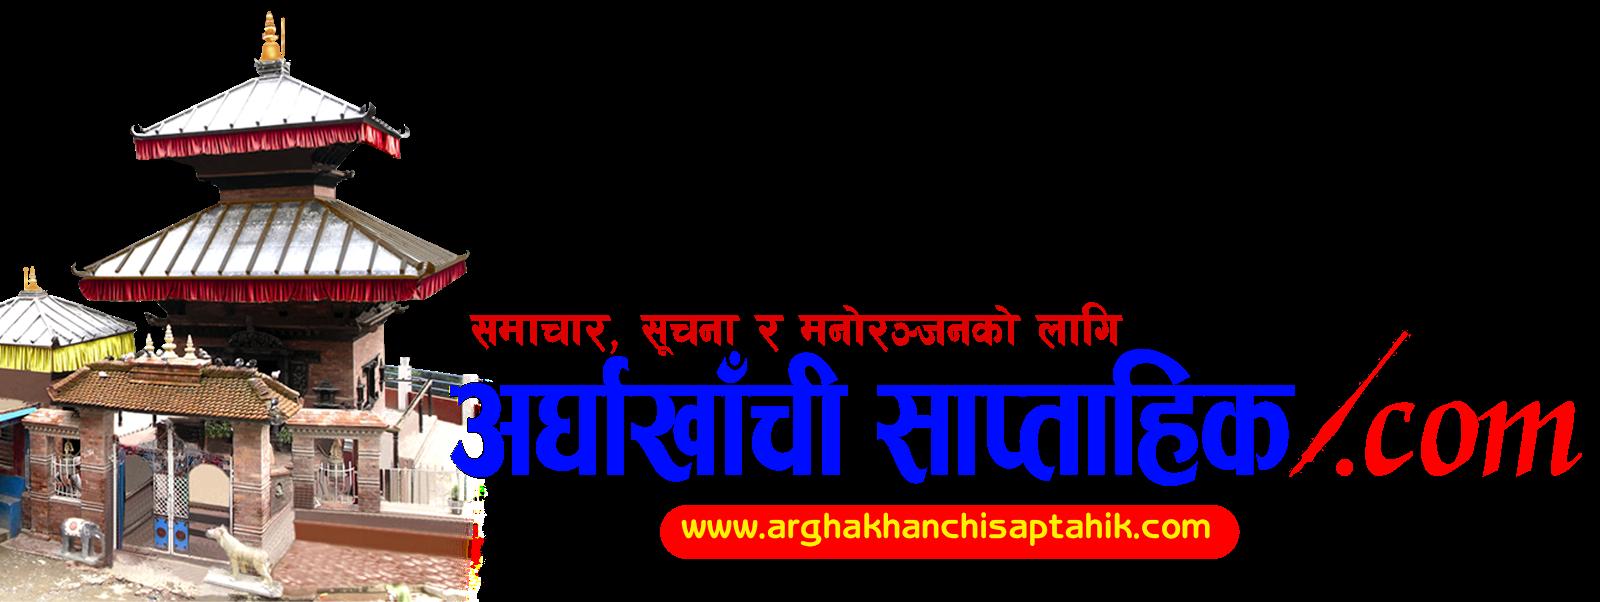 Arghakhanchi Saptahik